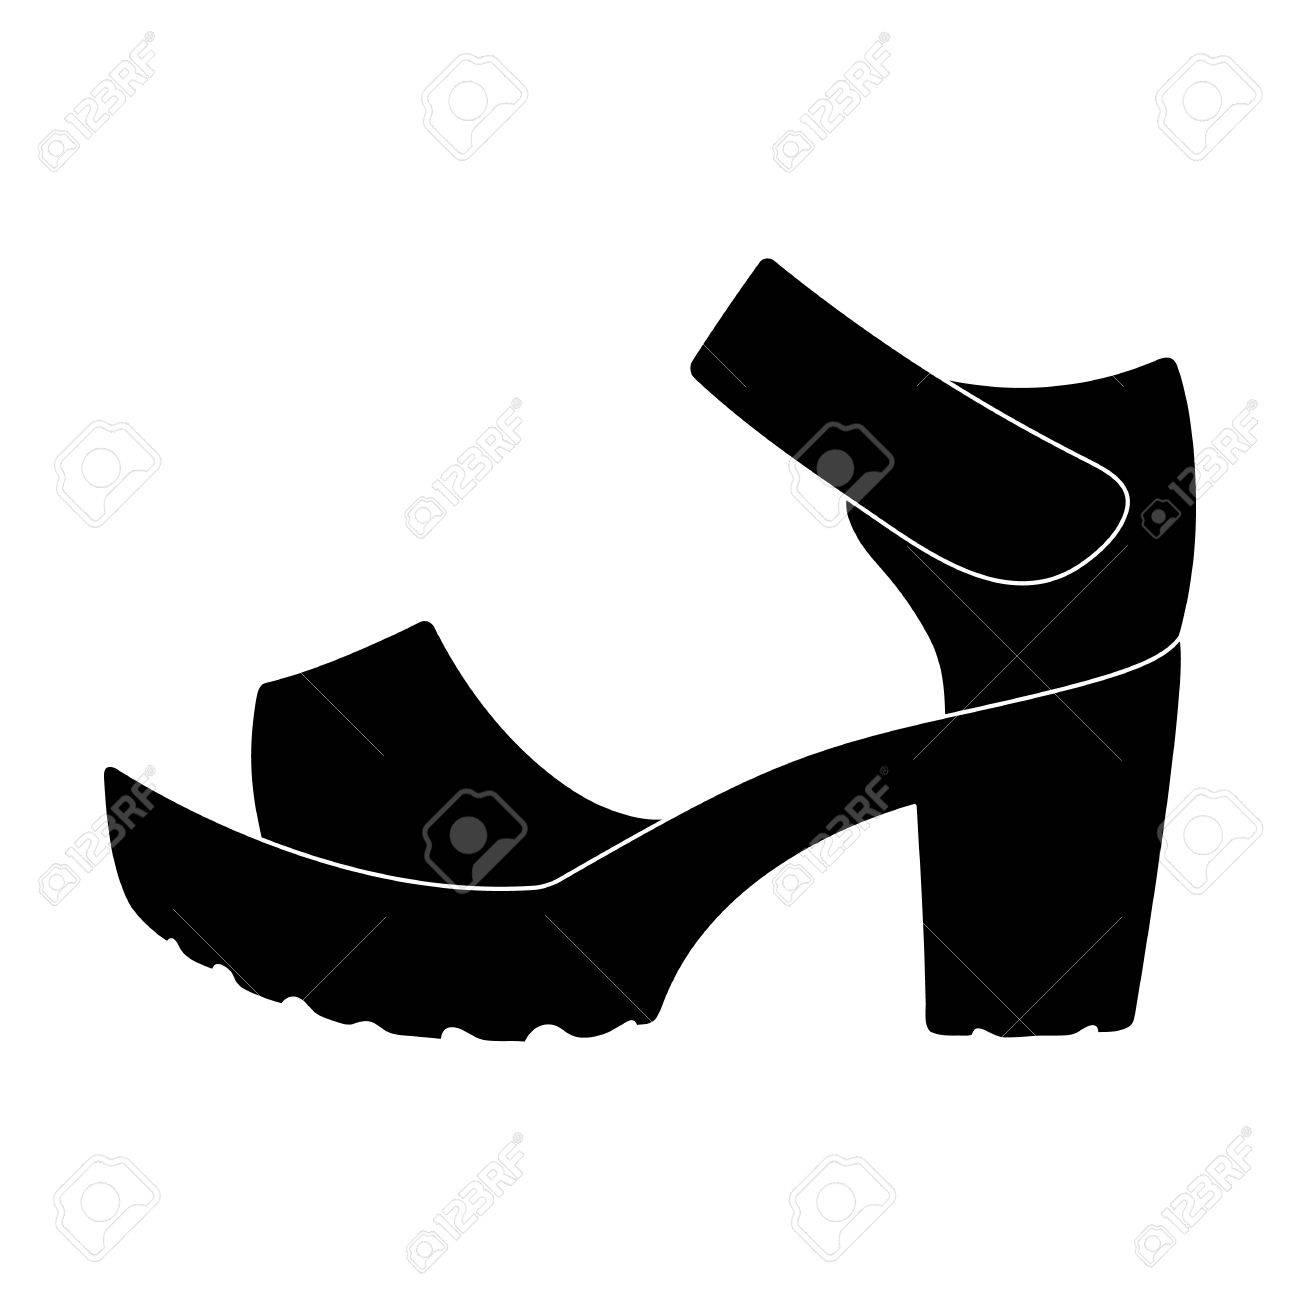 Frauen Sommer weiße Sandalen auf nackten Fuß. Verschiedene Schuhe einzelnes  Symbol im schwarzen Stil Symbol acaf7f7520